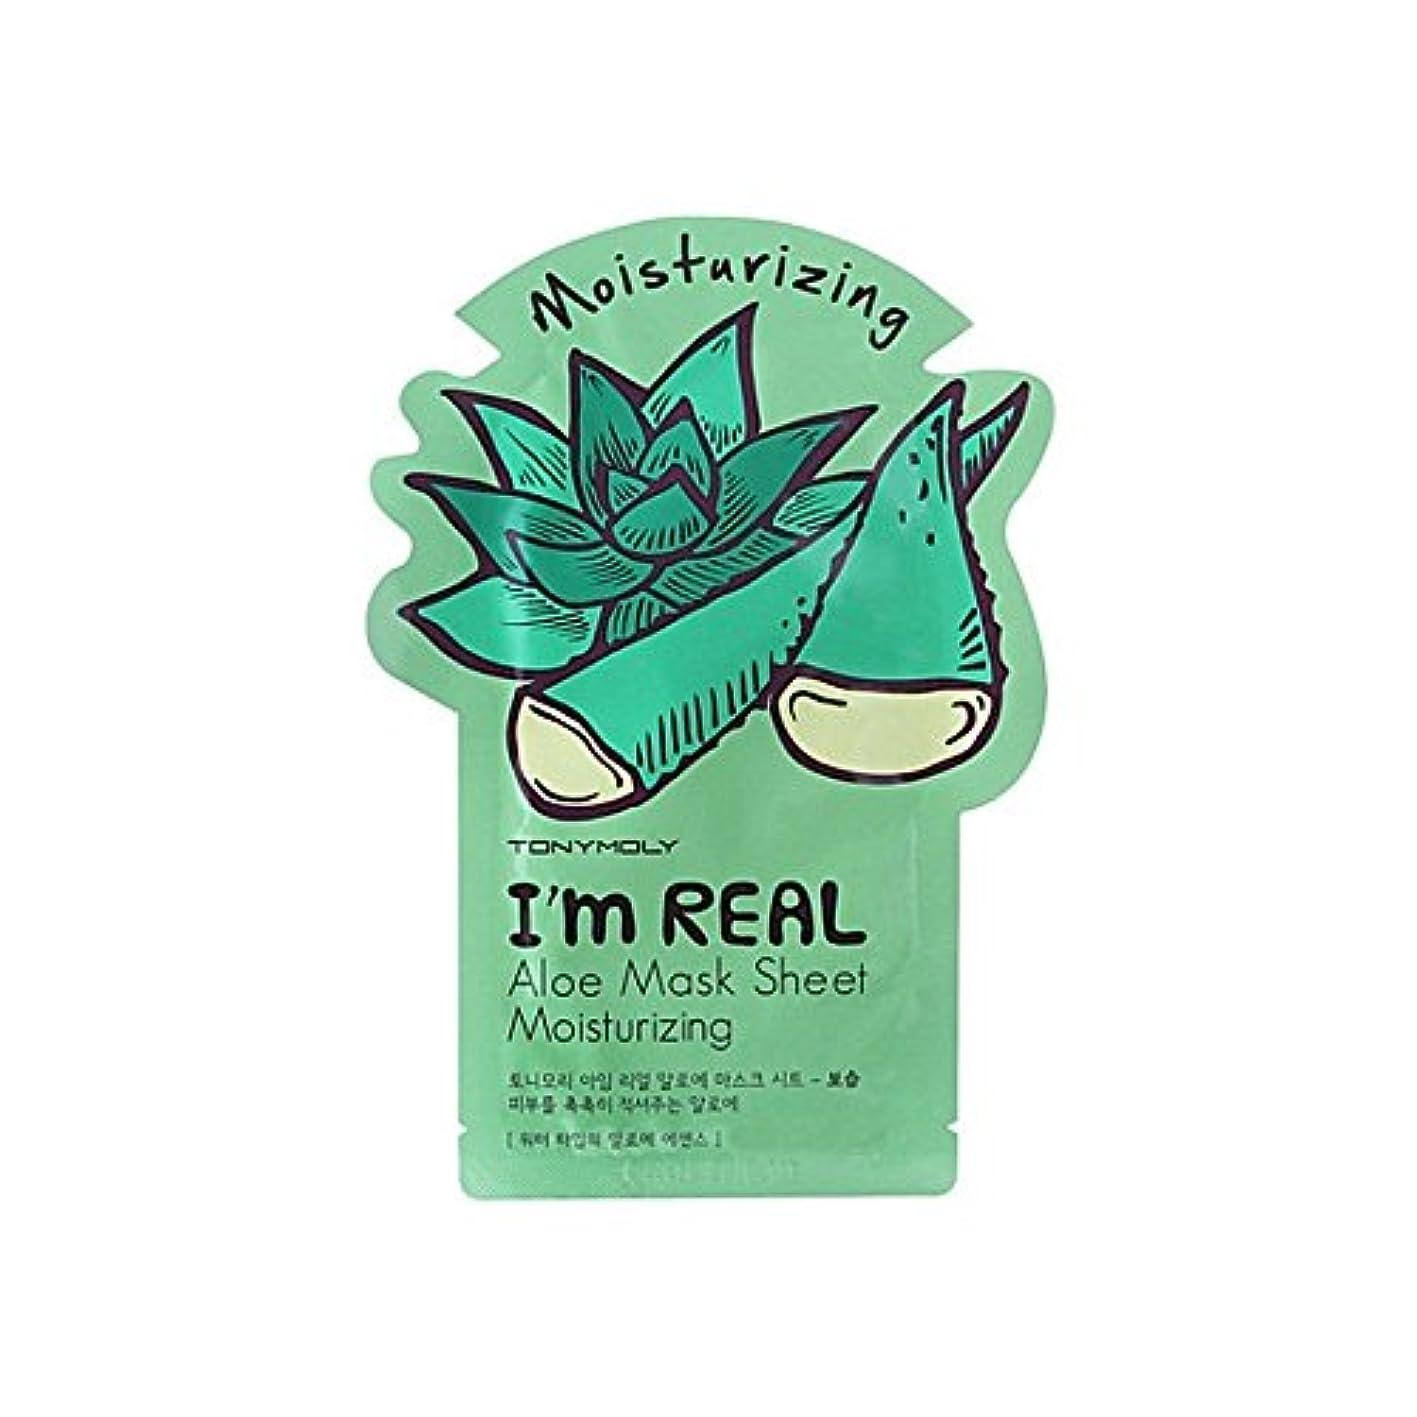 文庫本称賛胸Tony Moly I'M Real Moisturising Aloe Face Mask - トニーモリー私は本当の保湿アロエフェイスマスクです [並行輸入品]